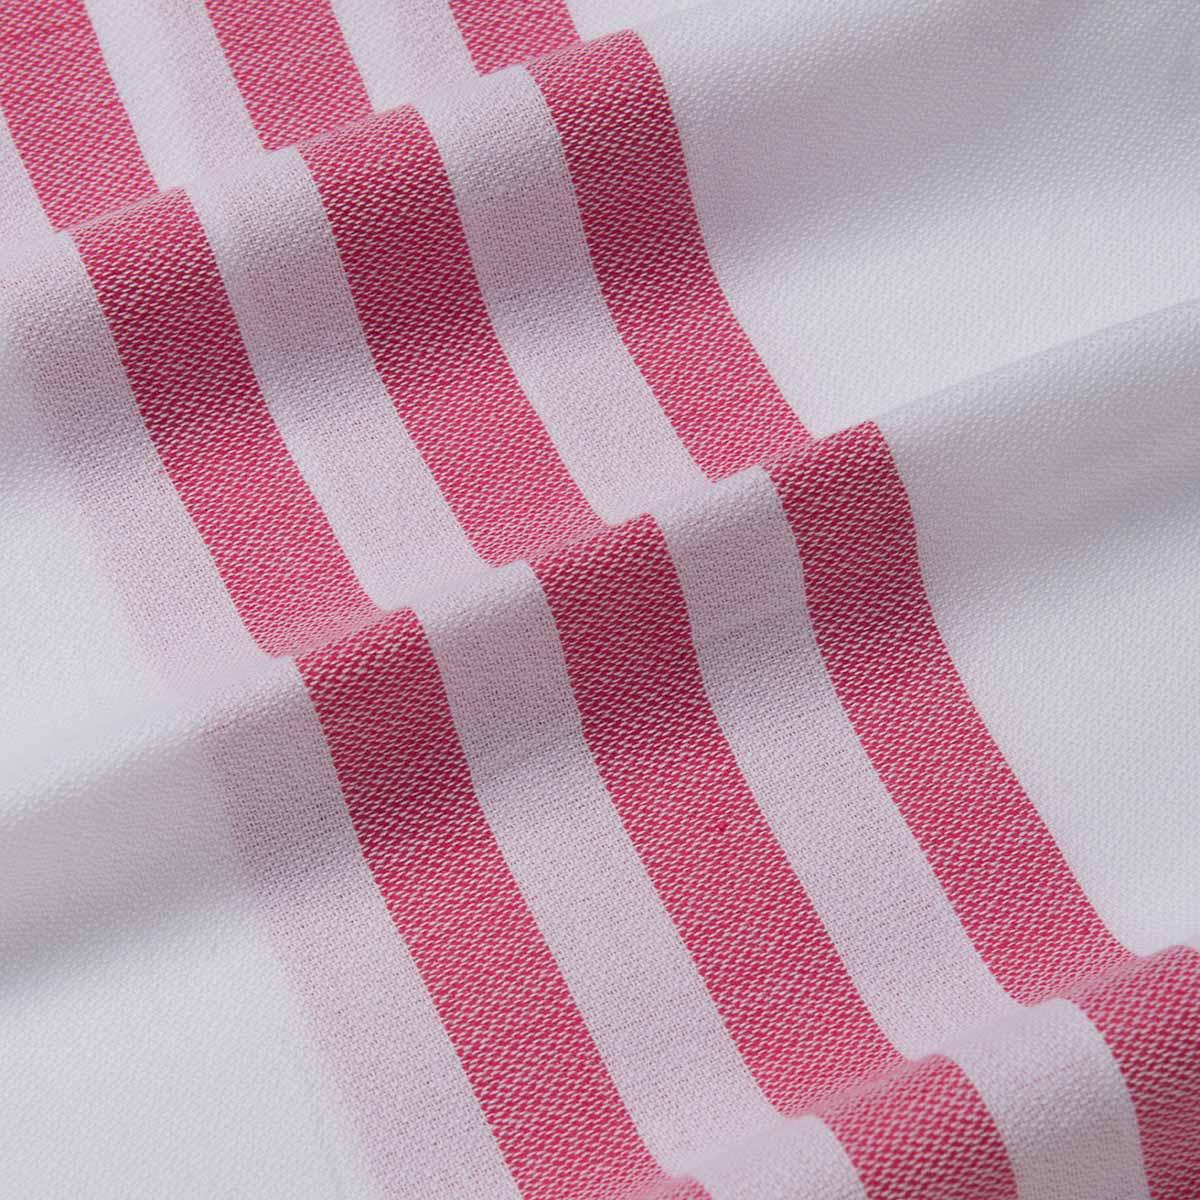 Peshtemal Bala Sultan - Fuchsia Stripes